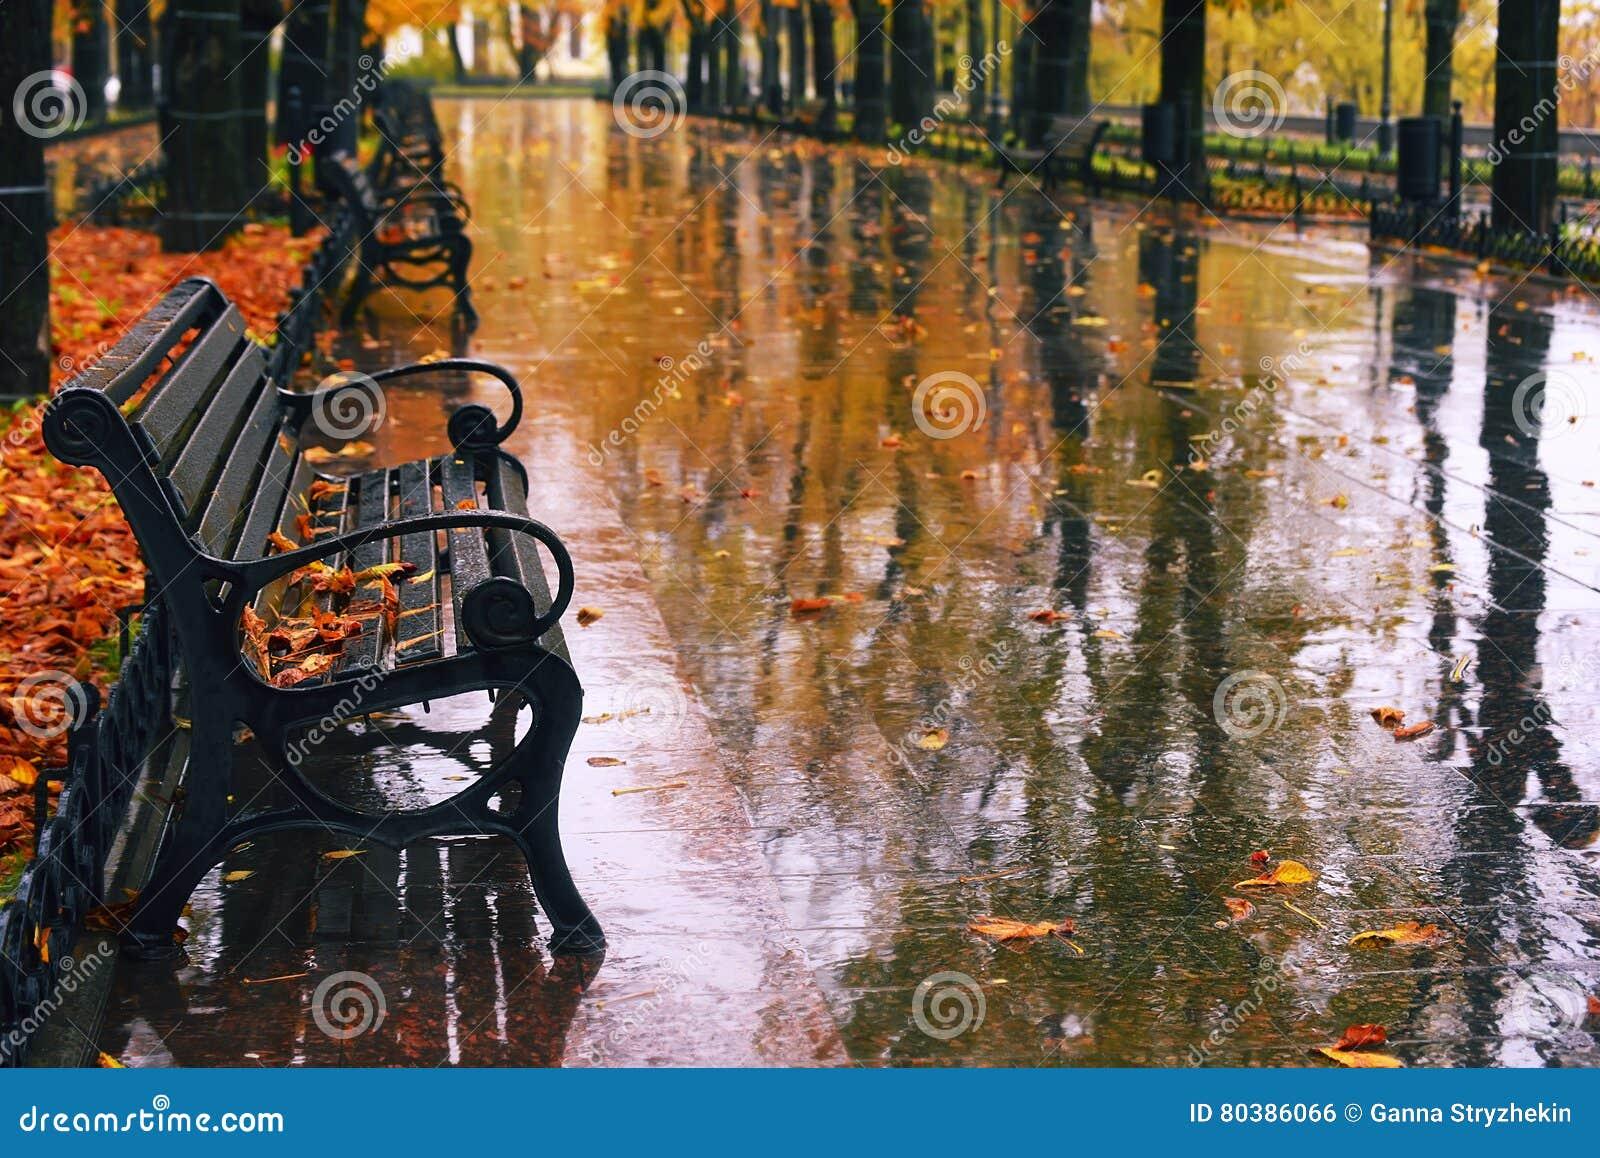 Höstboulevard i regnet